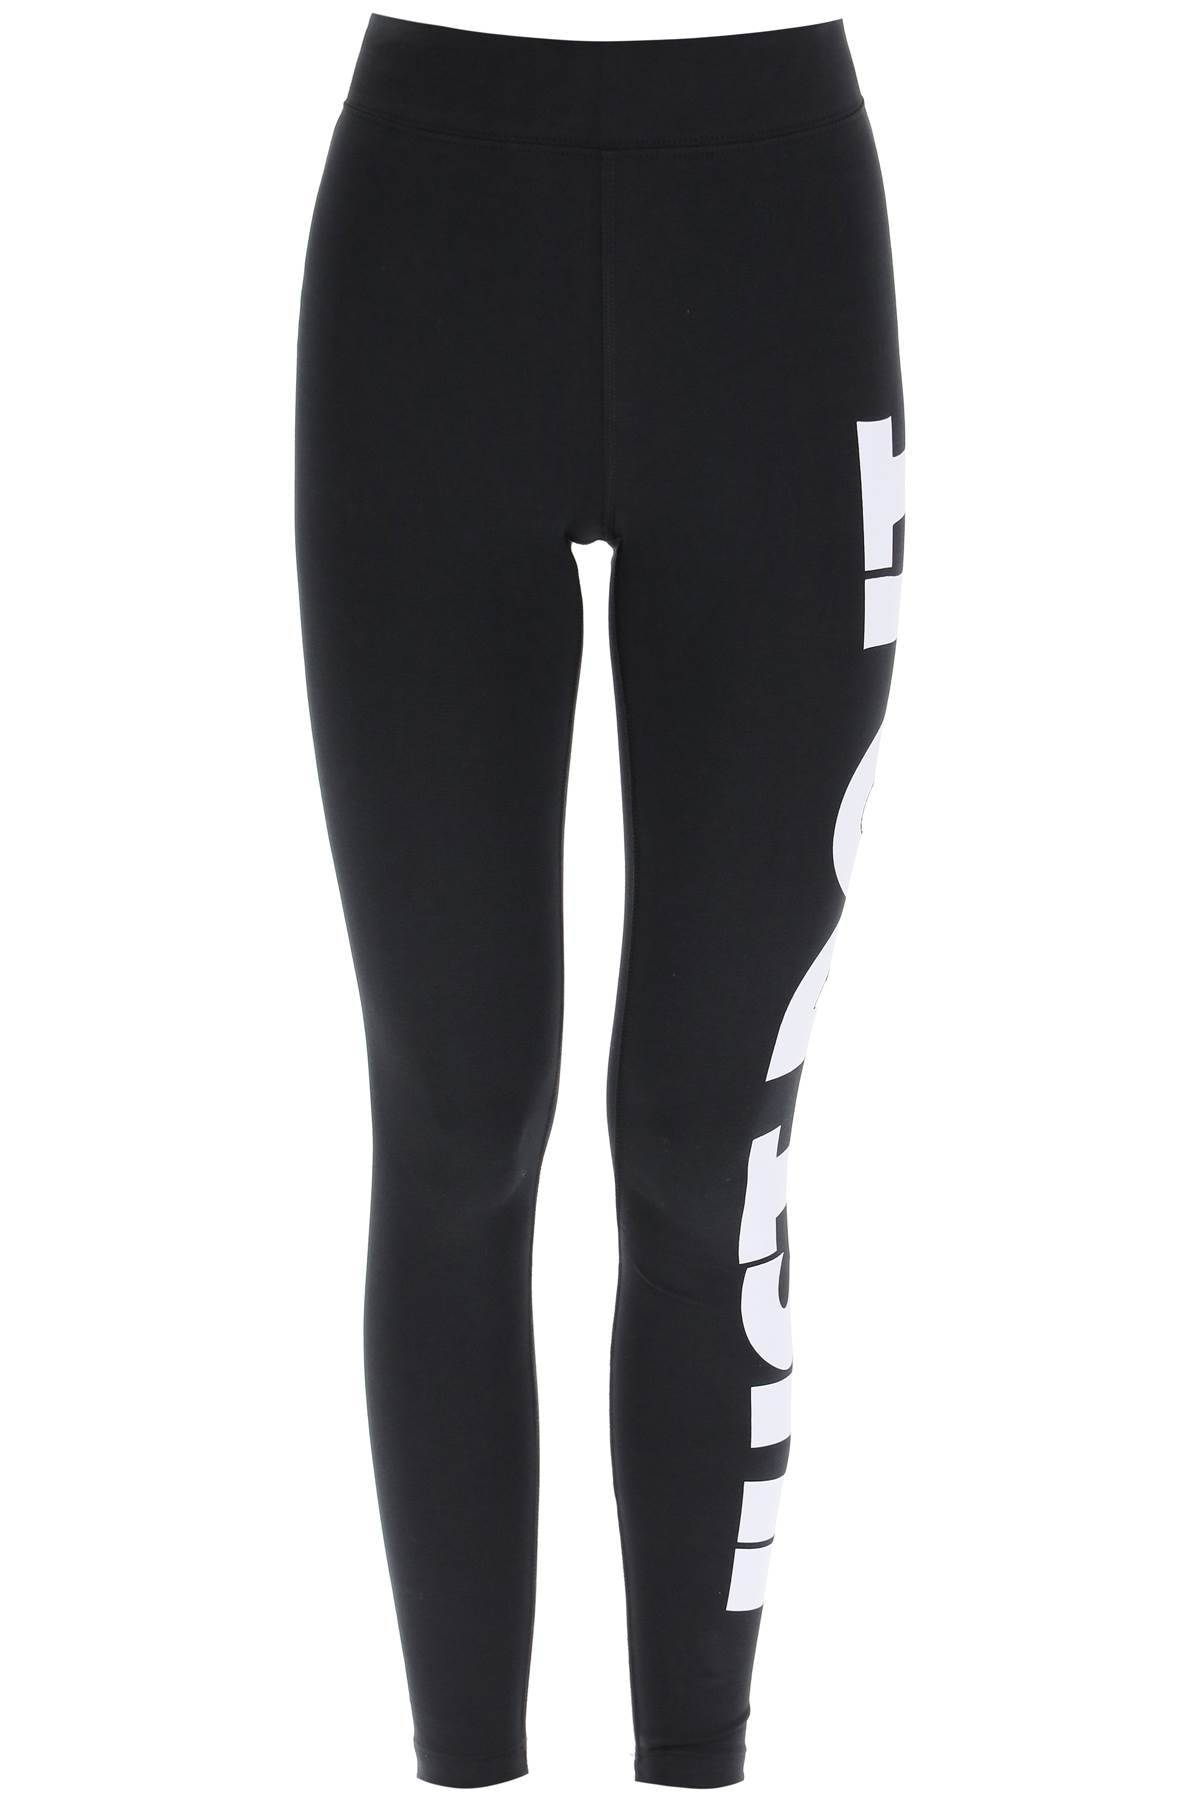 Nike LEGGINGS CON GRAFICA JUST DO IT L Nero, Bianco Cotone, Tecnico